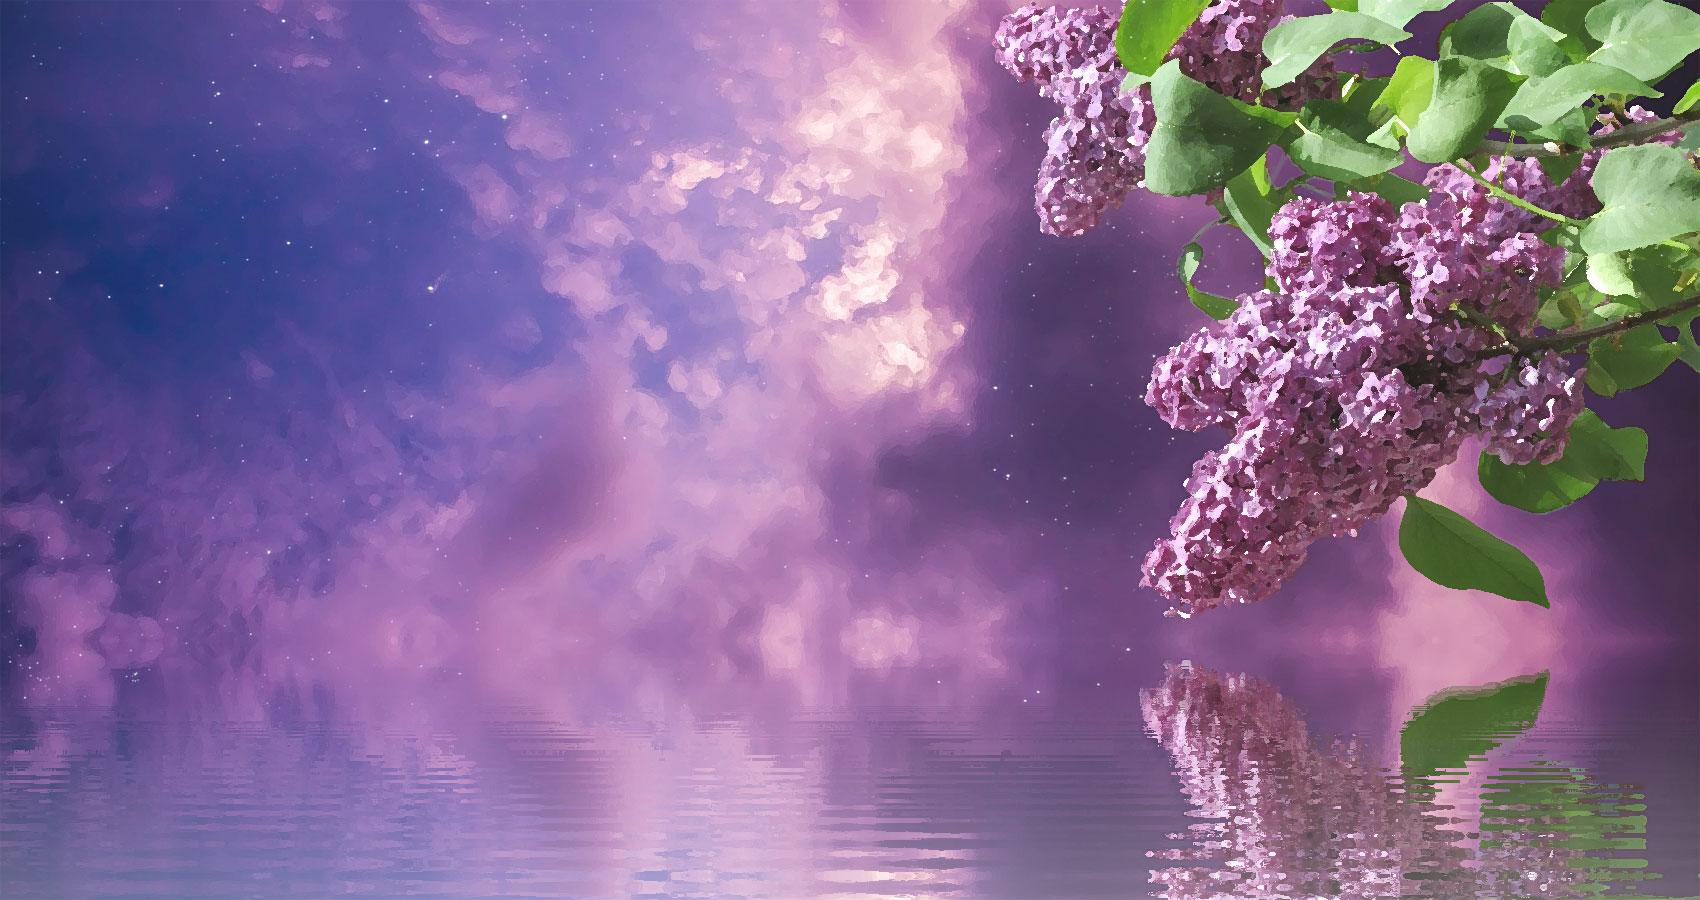 Sky written by Robert Laird at Spillwords.com